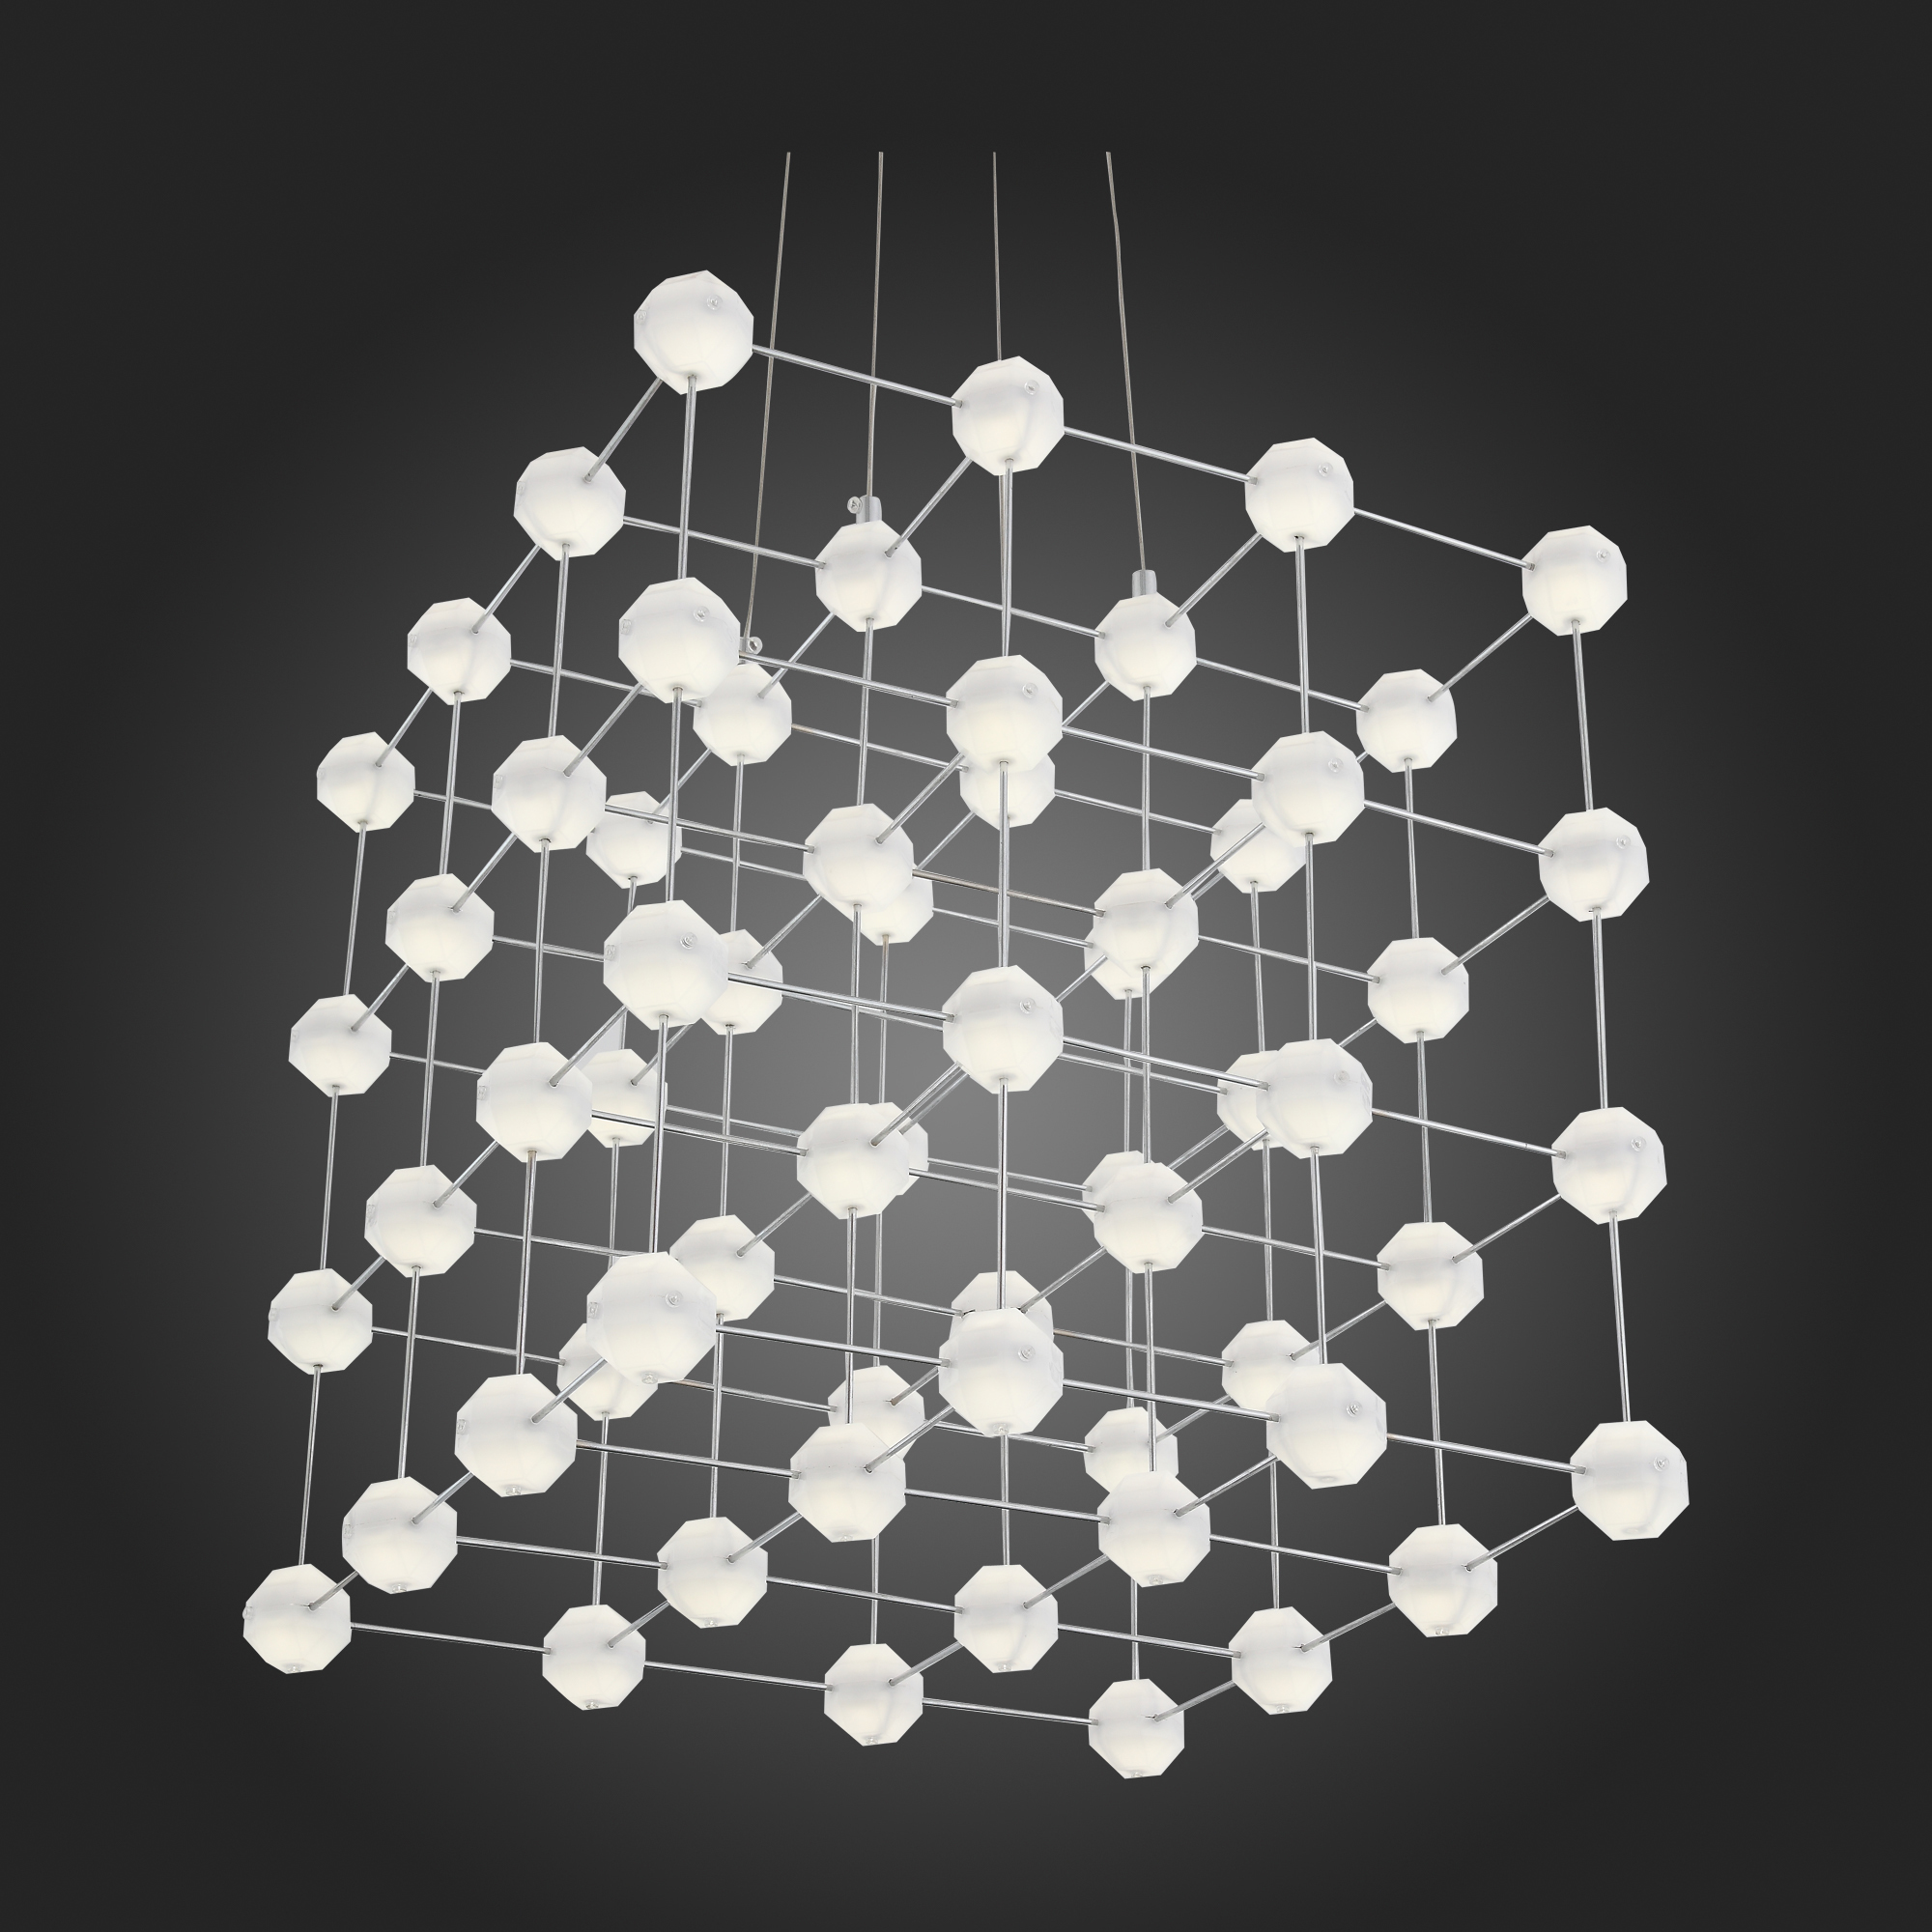 Подвесная светодиодная люстра ST Luce Atomo SL797.103.64 4000K (дневной), хром, белый, металл, пластик - фото 8